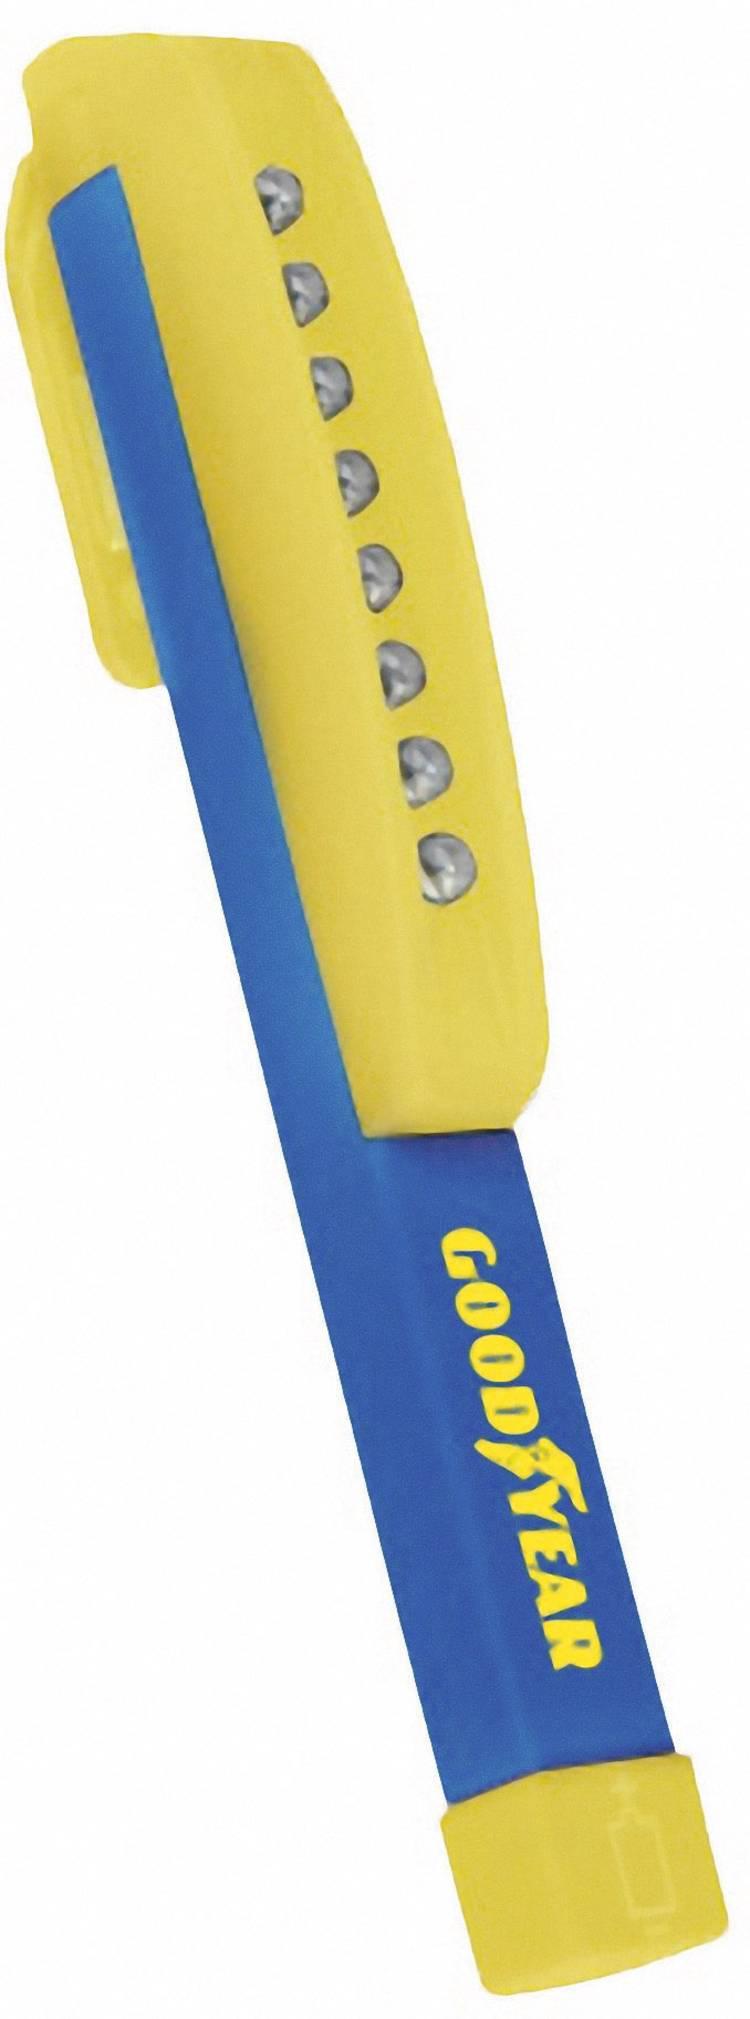 Image of Goodyear 75535 LED Penlightlamp werkt op batterijen 70 lm